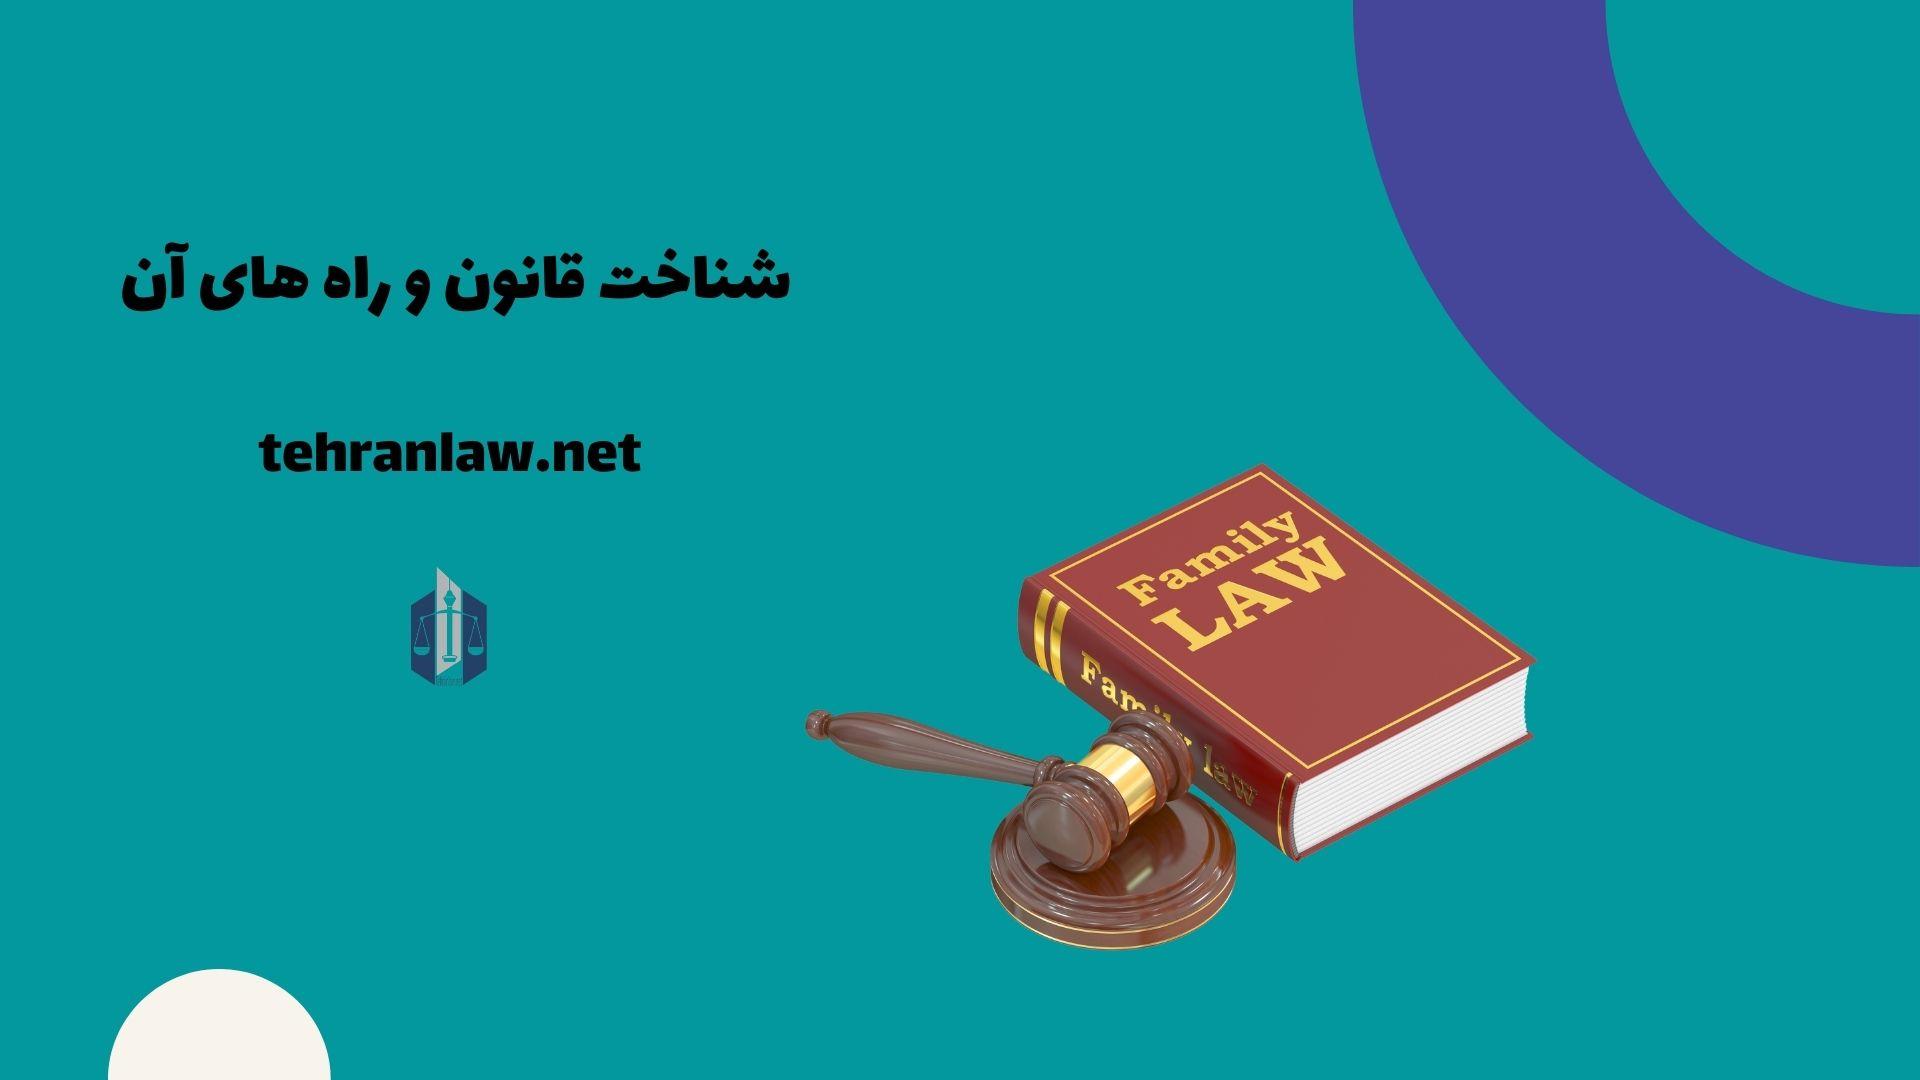 شناخت قانون و راه های آن